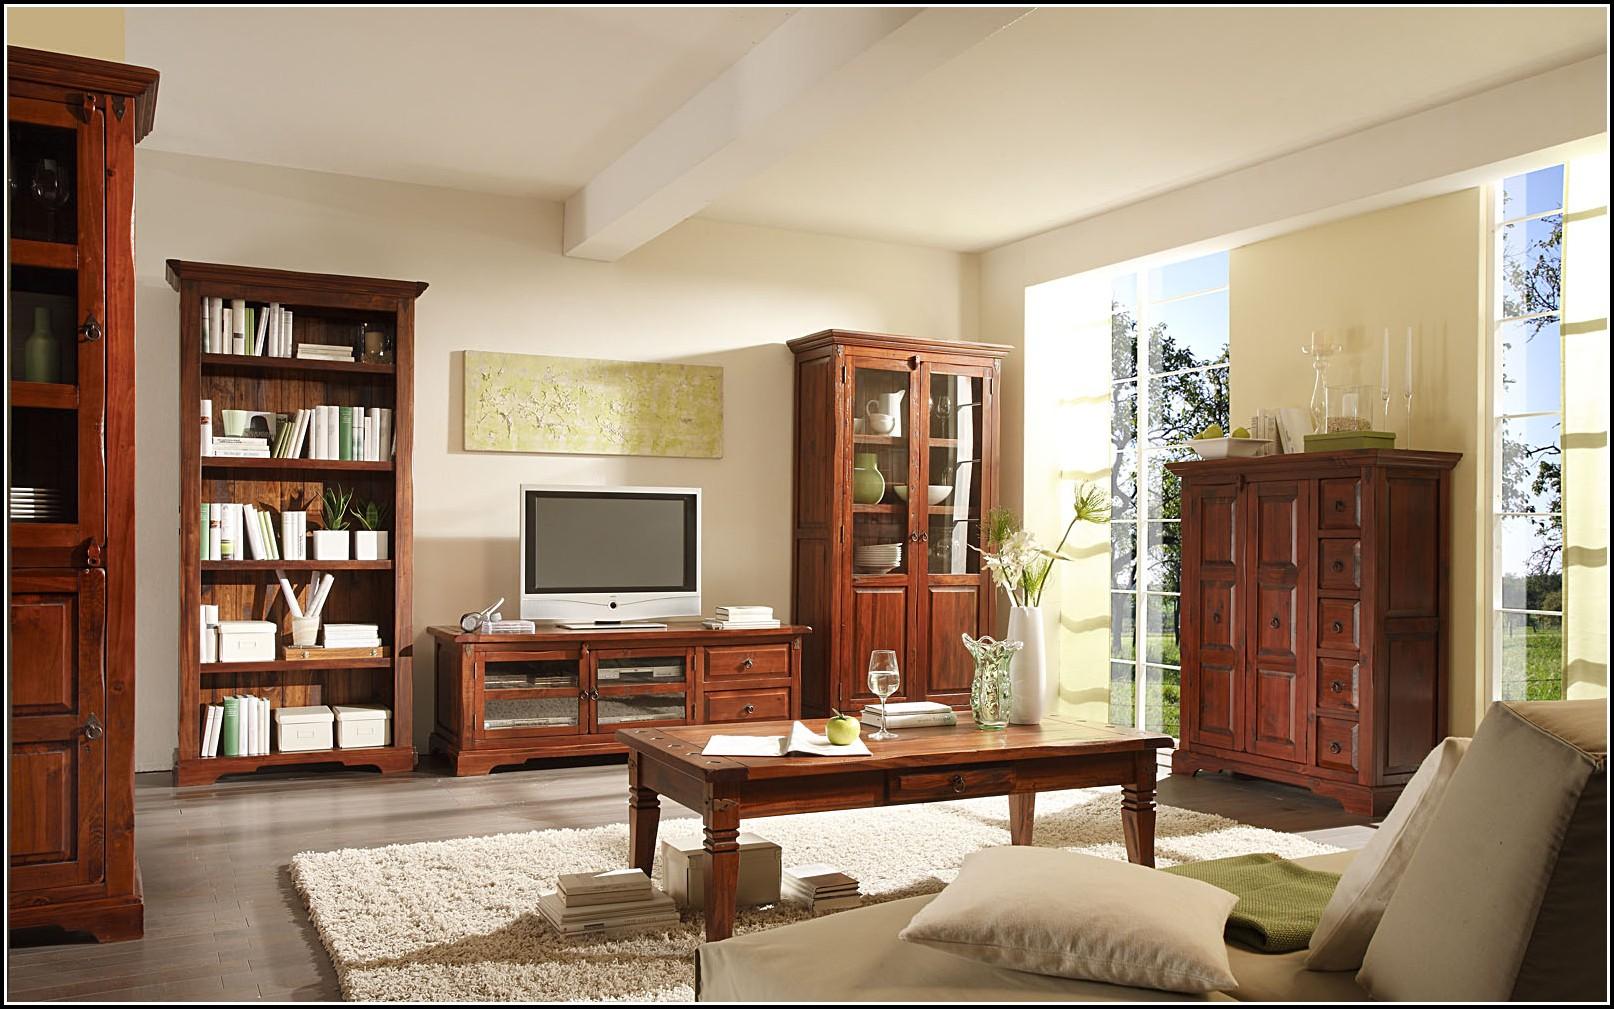 Wohnzimmer Kolonialstil M Bel Wohnzimmer House Und